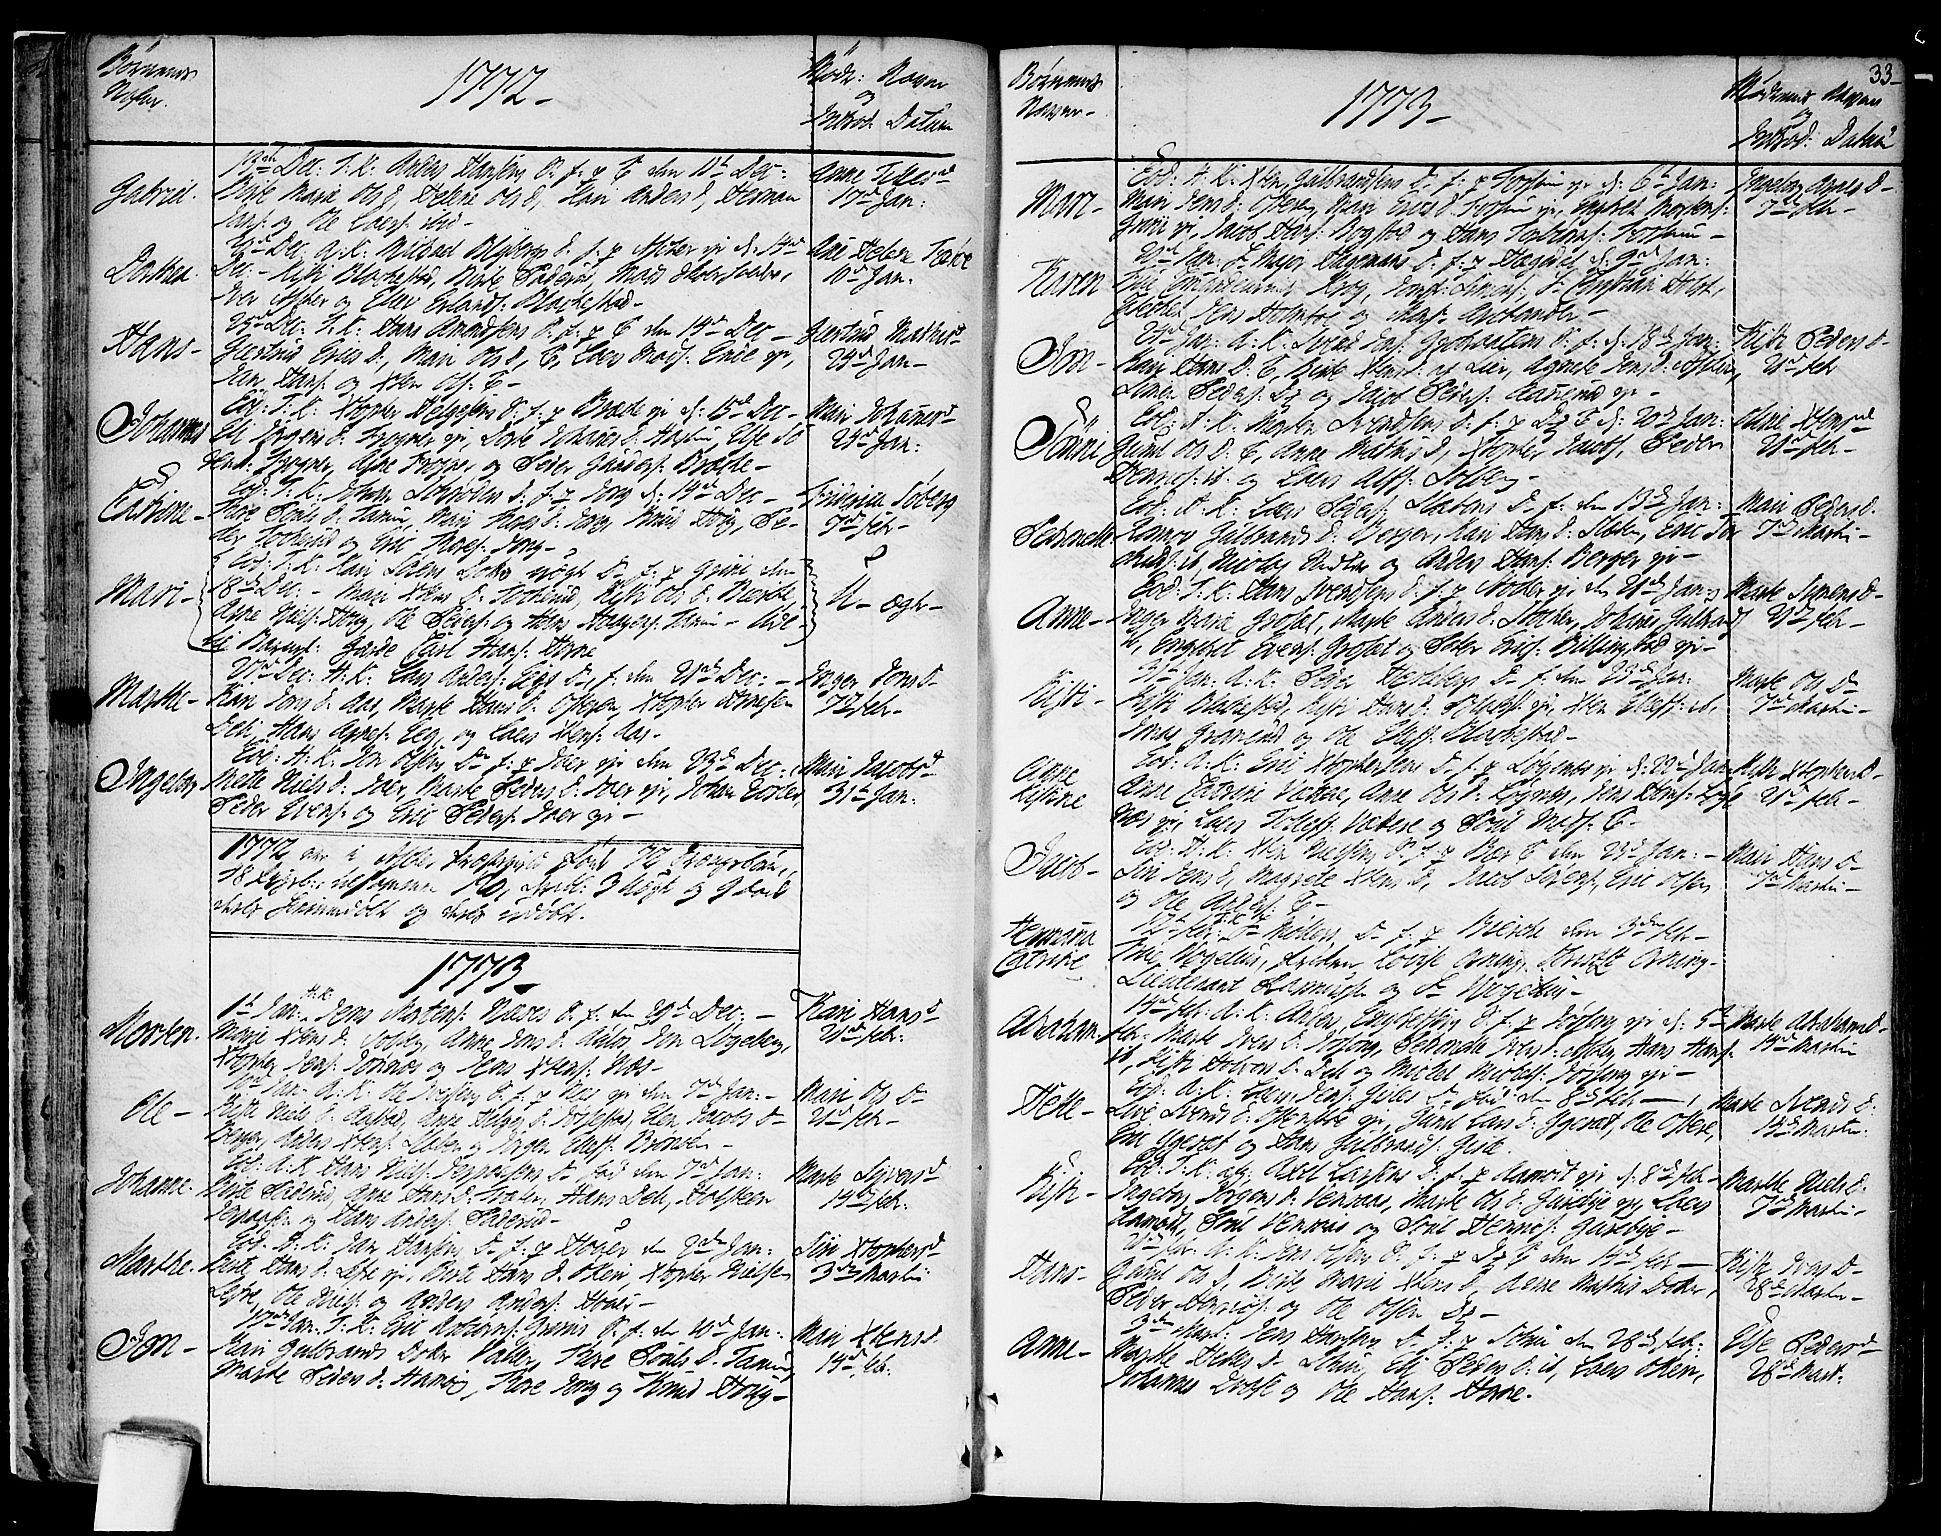 SAO, Asker prestekontor Kirkebøker, F/Fa/L0003: Ministerialbok nr. I 3, 1767-1807, s. 33